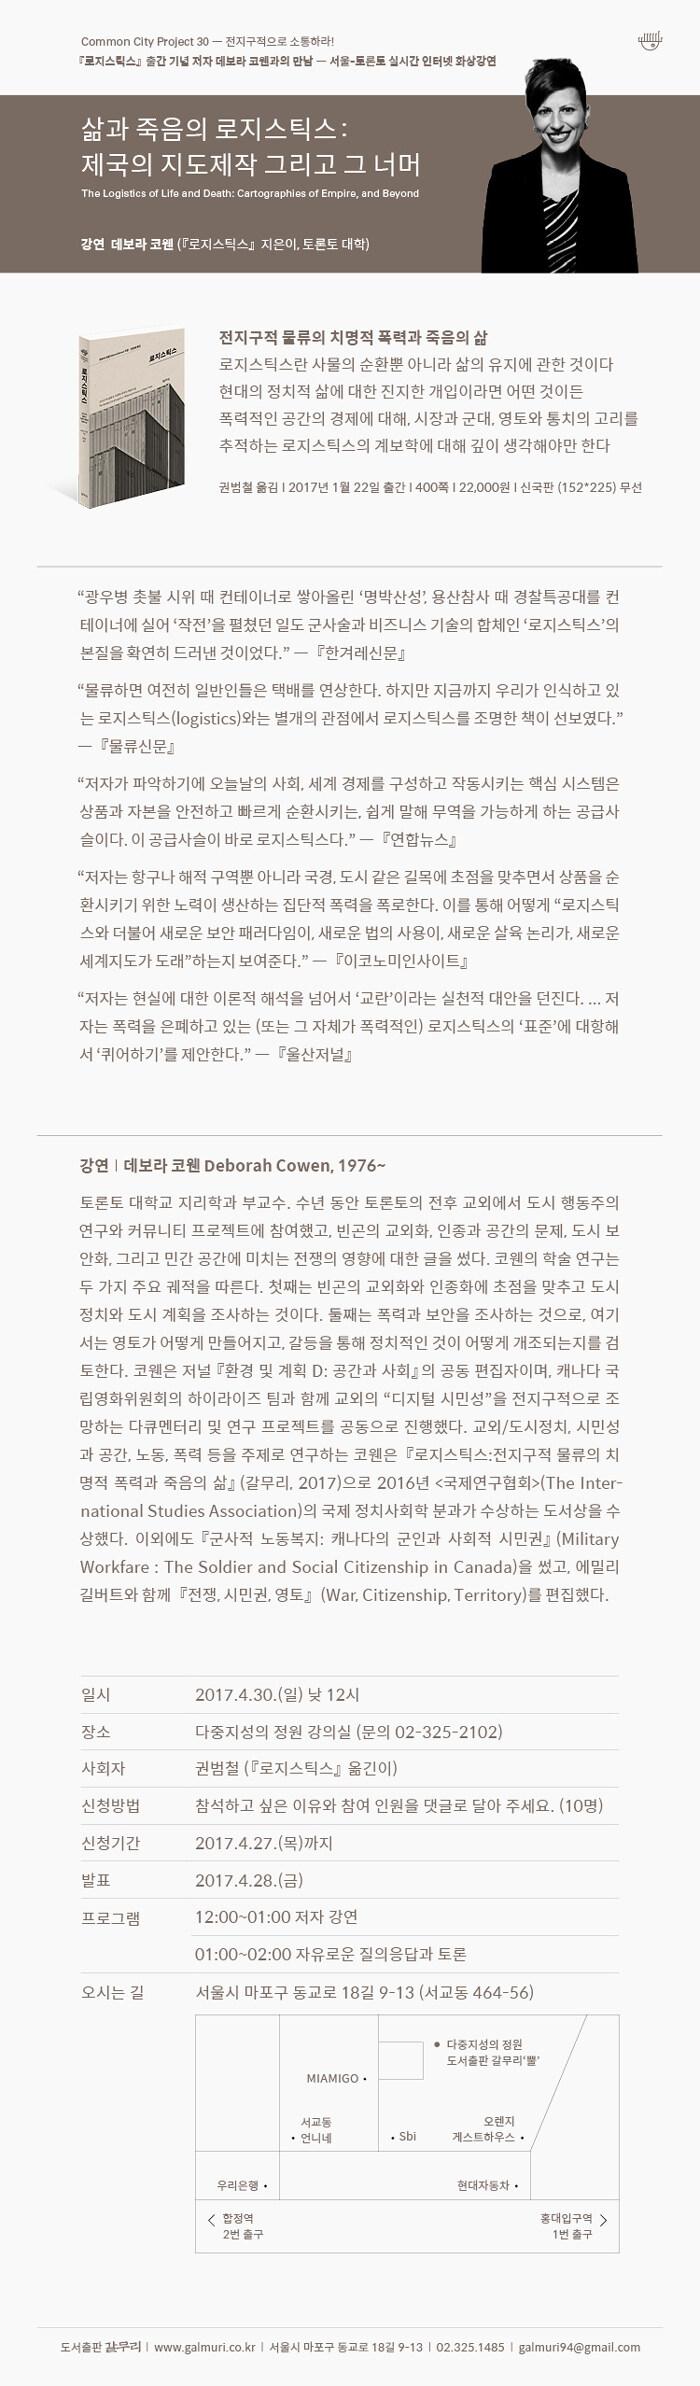 <로지스틱스> 출간기념 저자 화상강연회